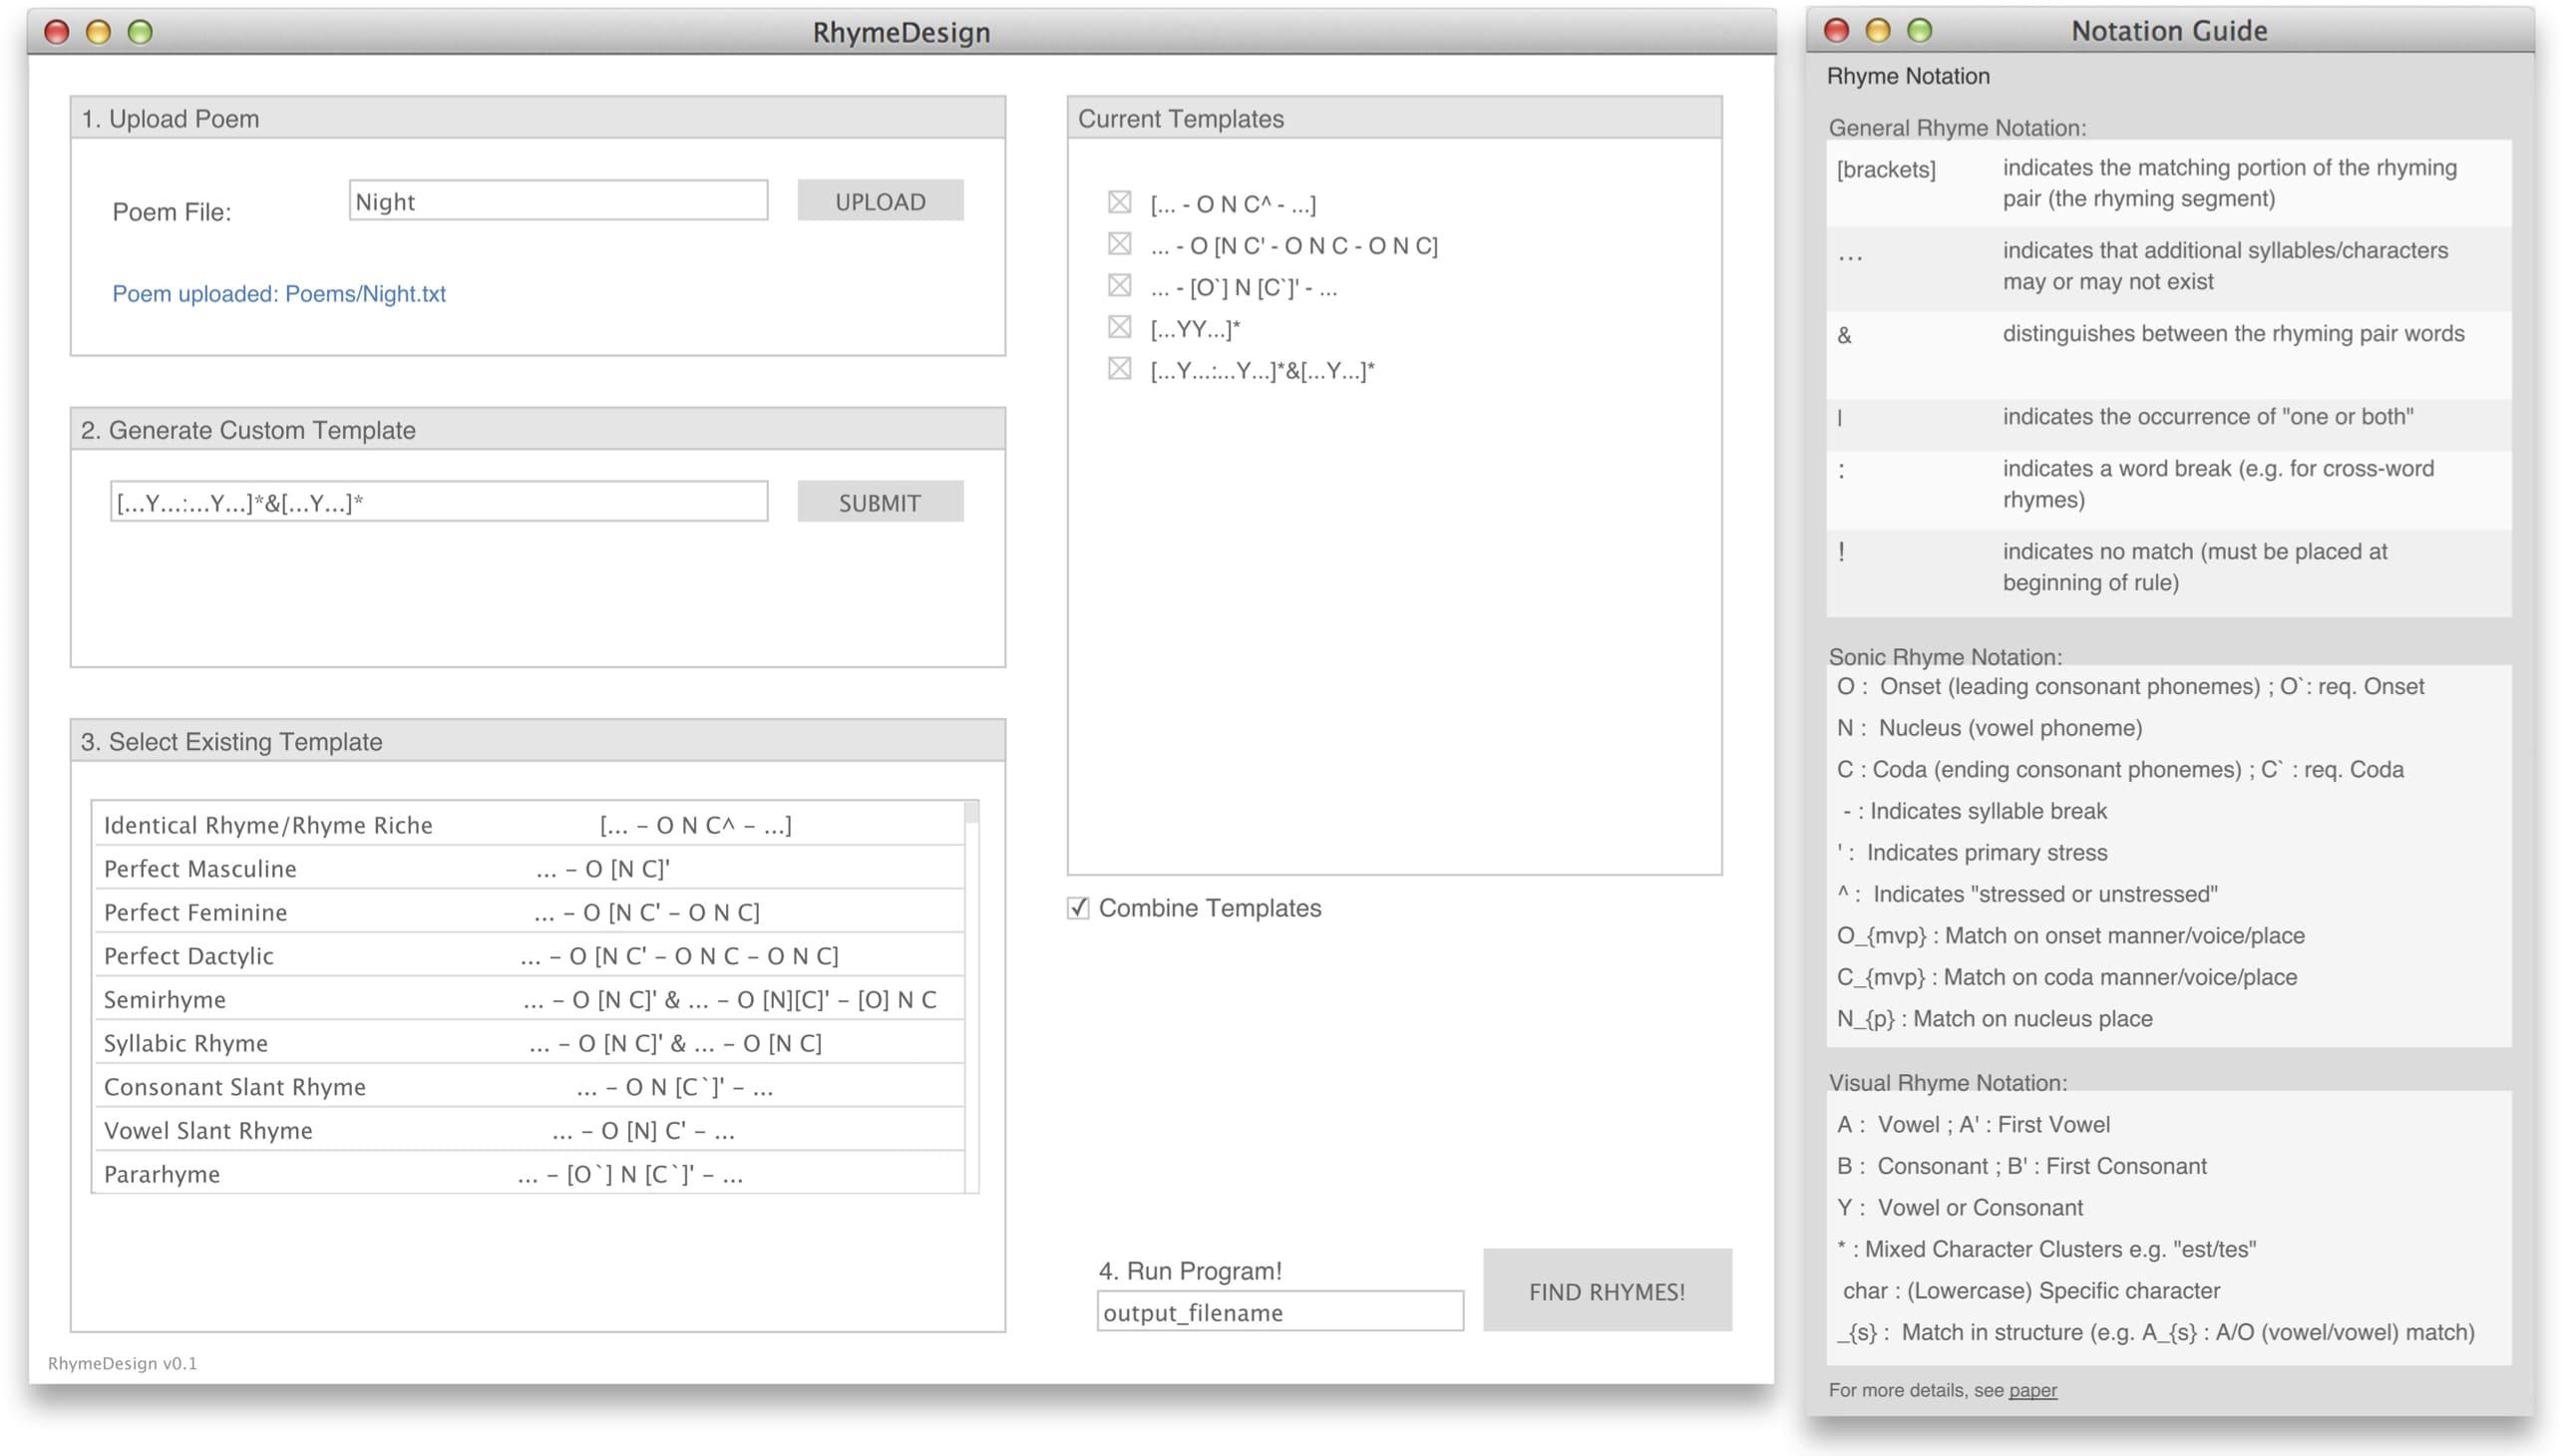 RhymeDesign Screenshot